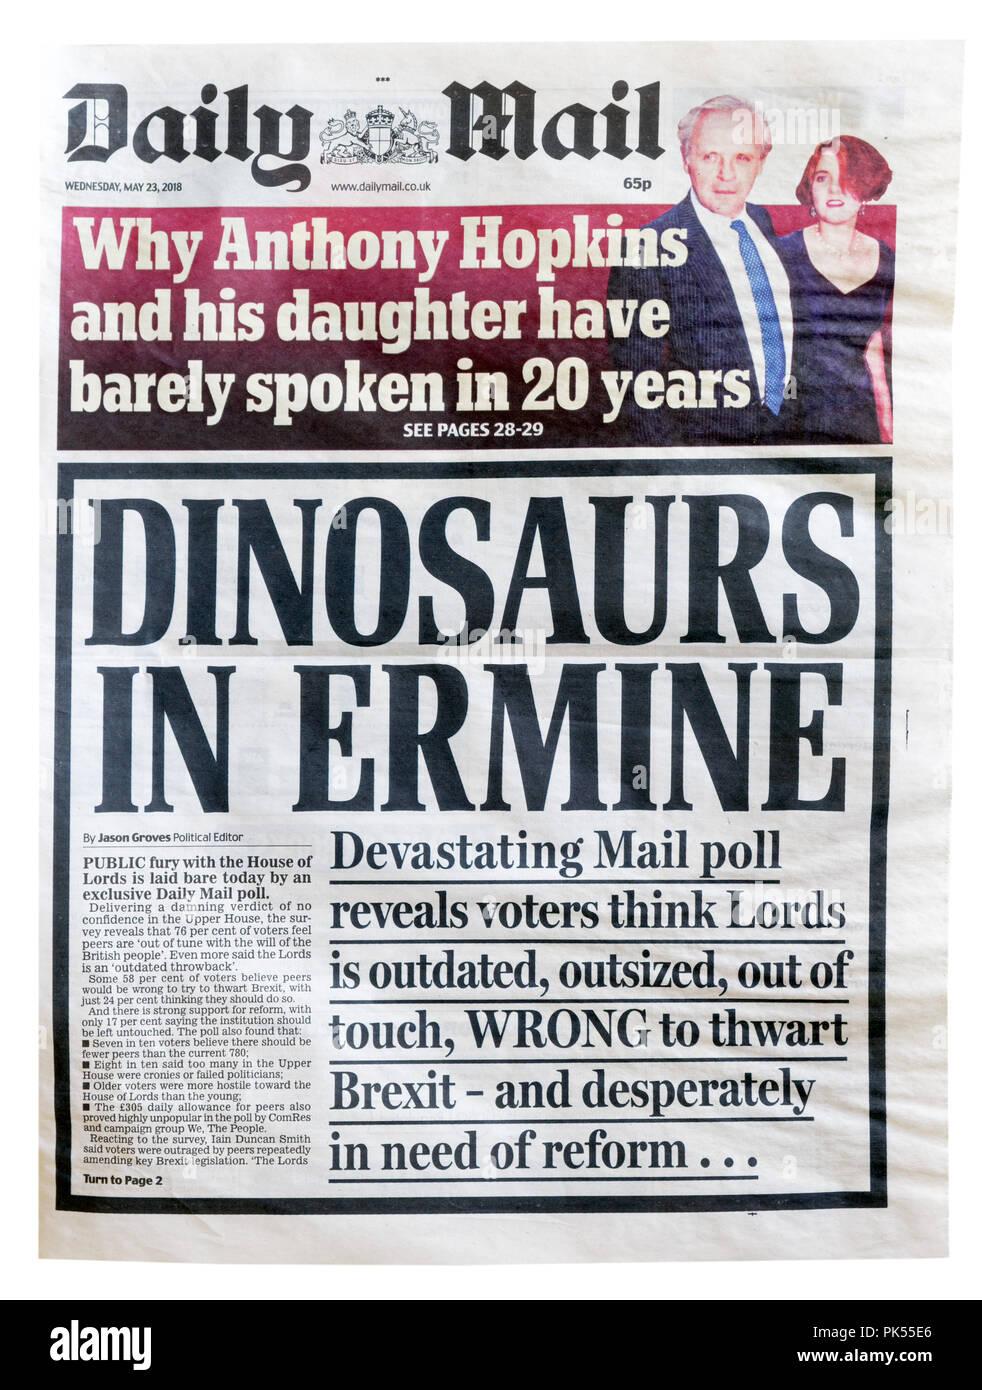 Première page du Daily Mail avec le titre Les dinosaures dans l'hermine, à propos de la réforme ou l'abolition de la Chambre des Lords Photo Stock